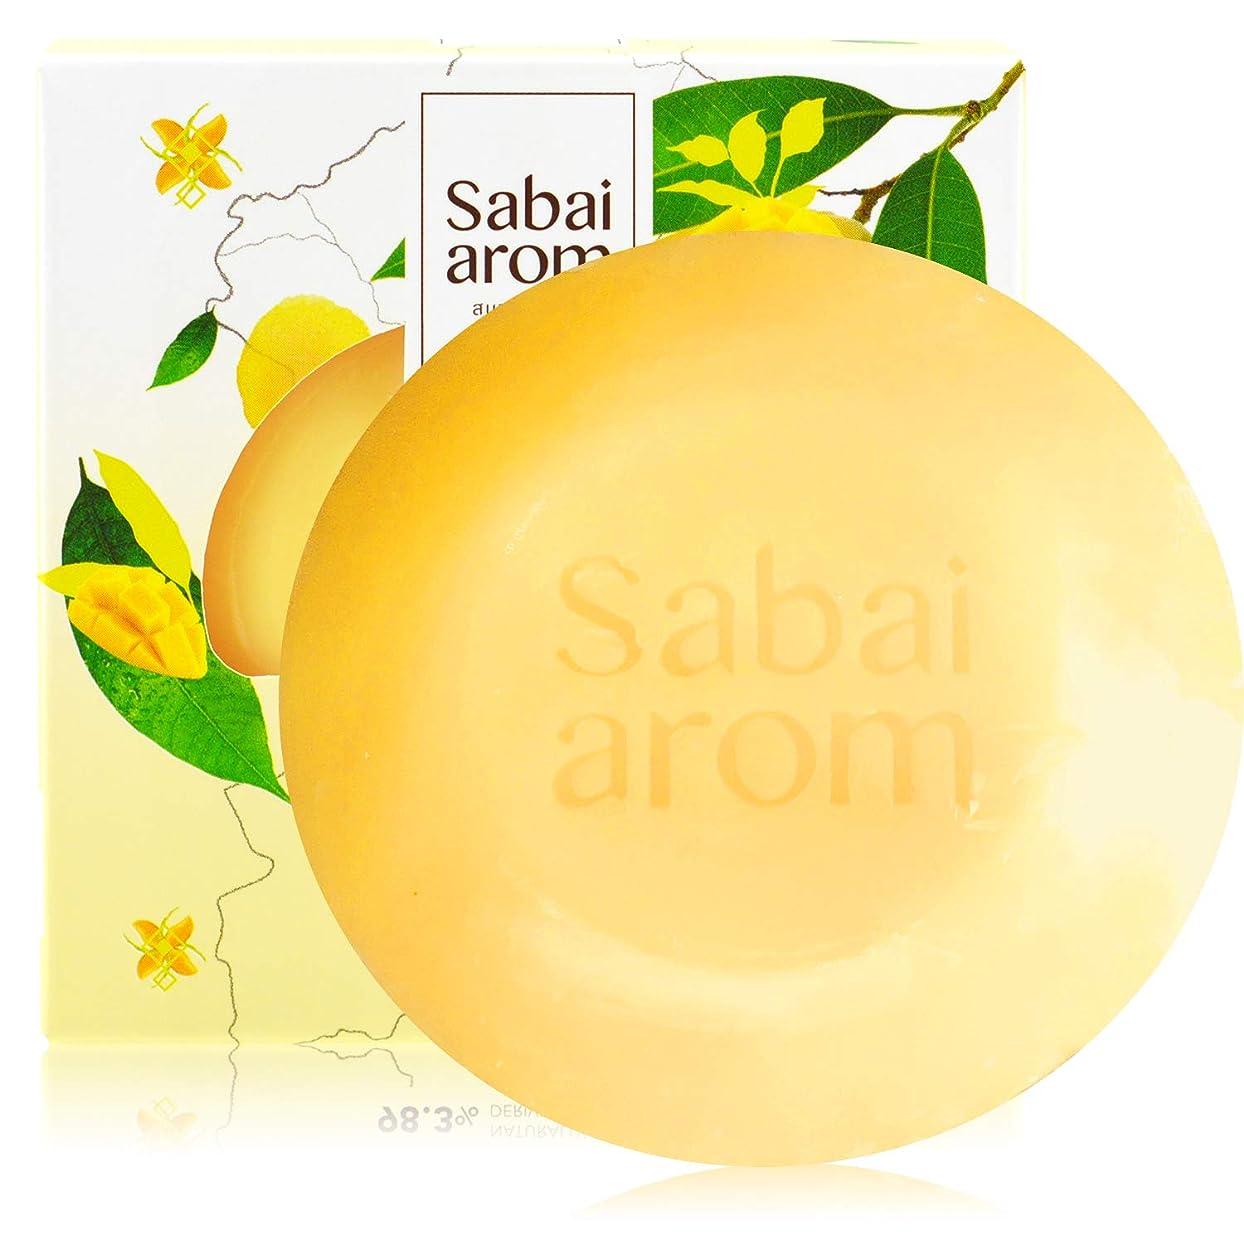 韓国語暖かさサークルサバイアロム(Sabai-arom) マンゴー オーチャード フェイス&ボディソープバー (石鹸) 100g【MAN】【001】